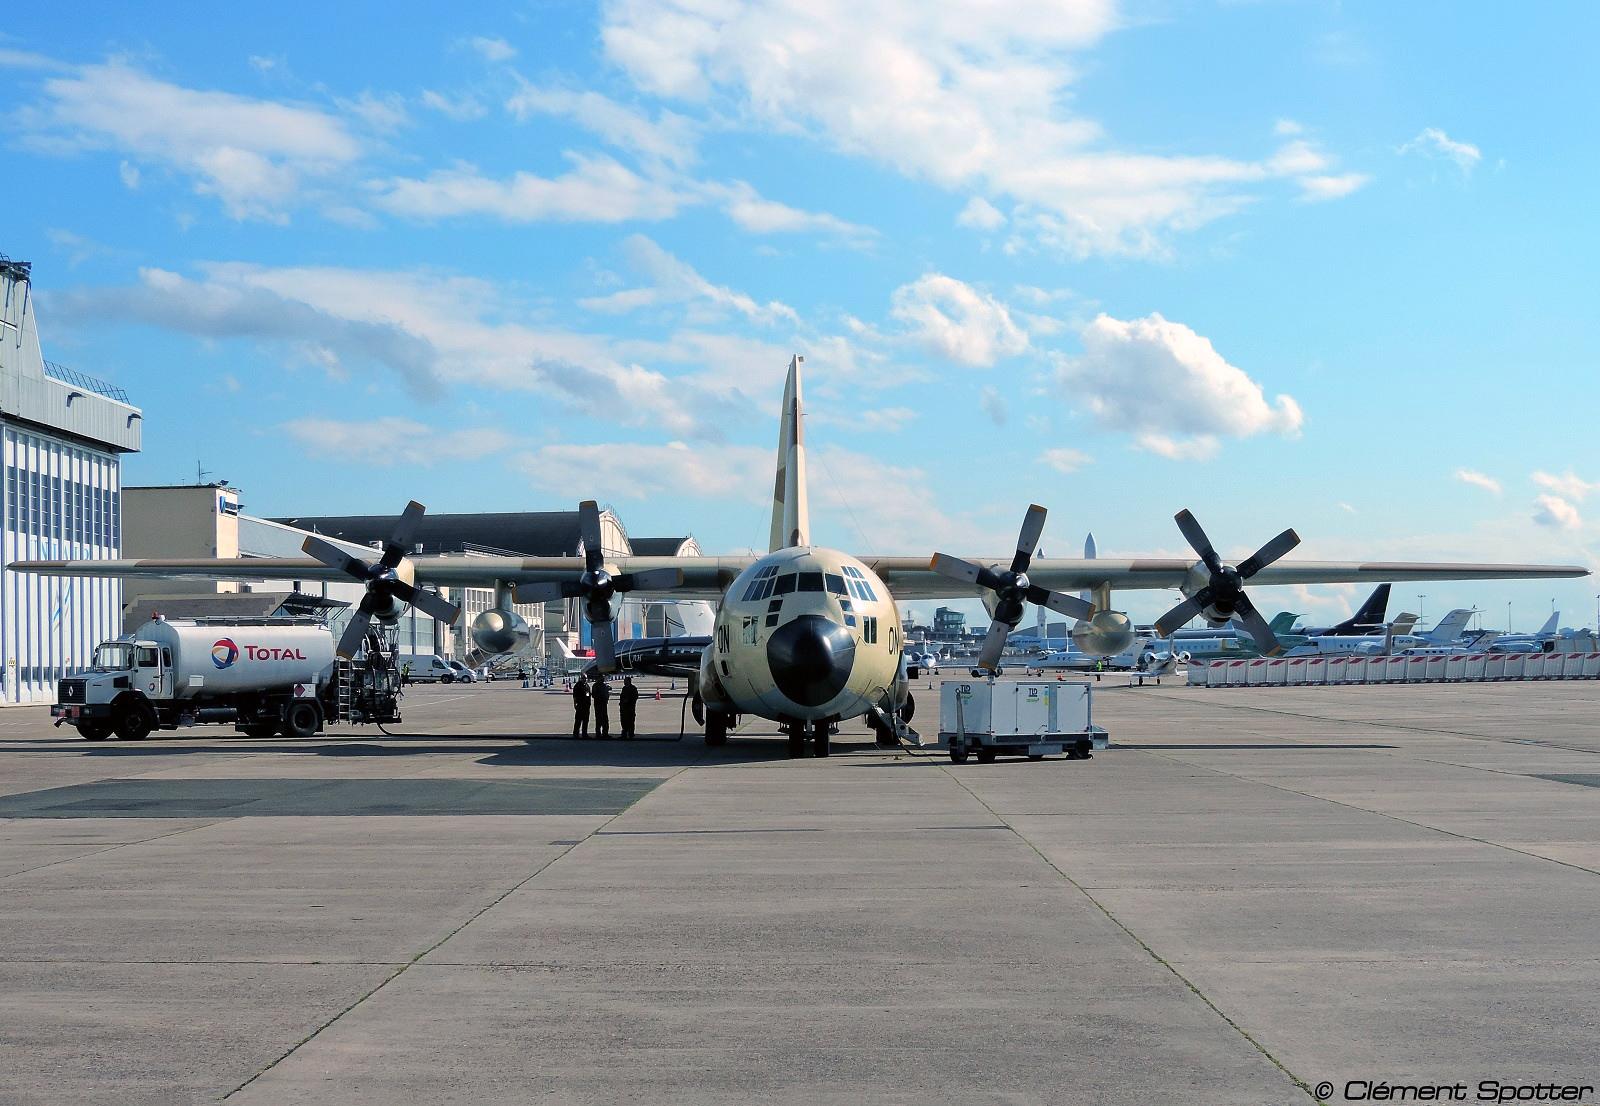 طائرات النقل العاملة بالقوات المسلحة المغربية - صفحة 2 151019052756126790